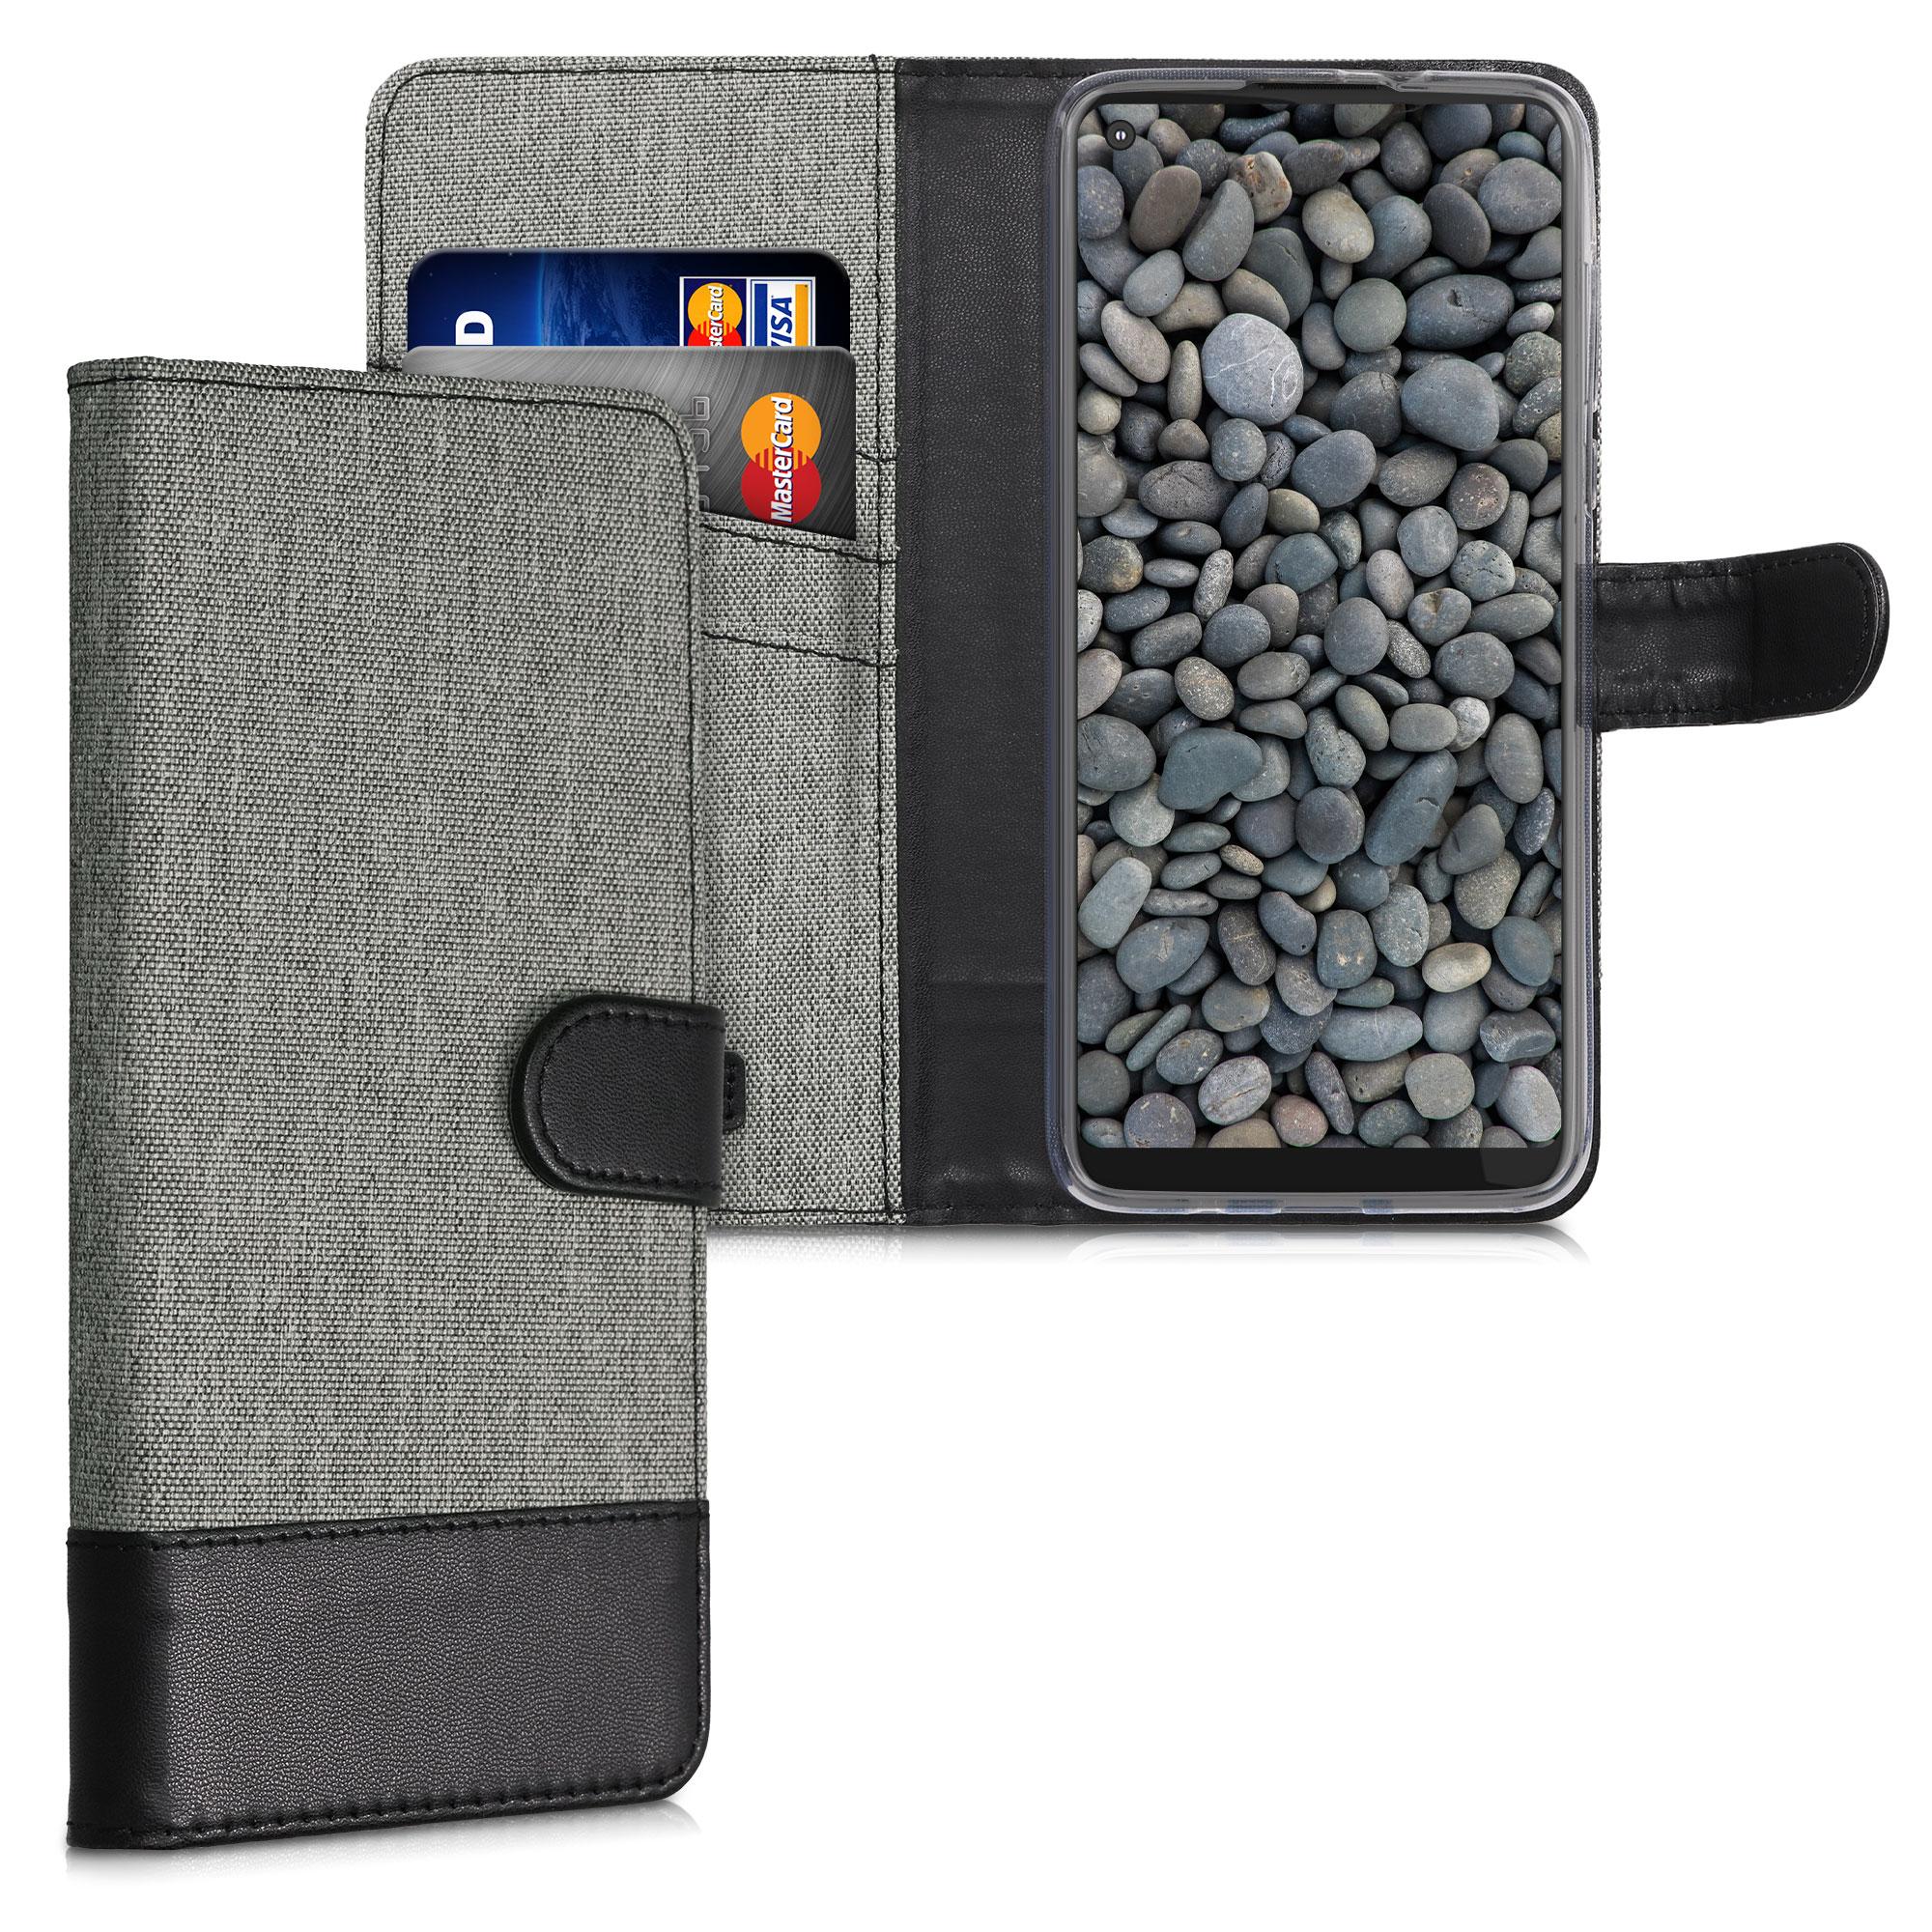 Textilní látkové pouzdro | obal pro Motorola Moto G Fast - Šedá / černá